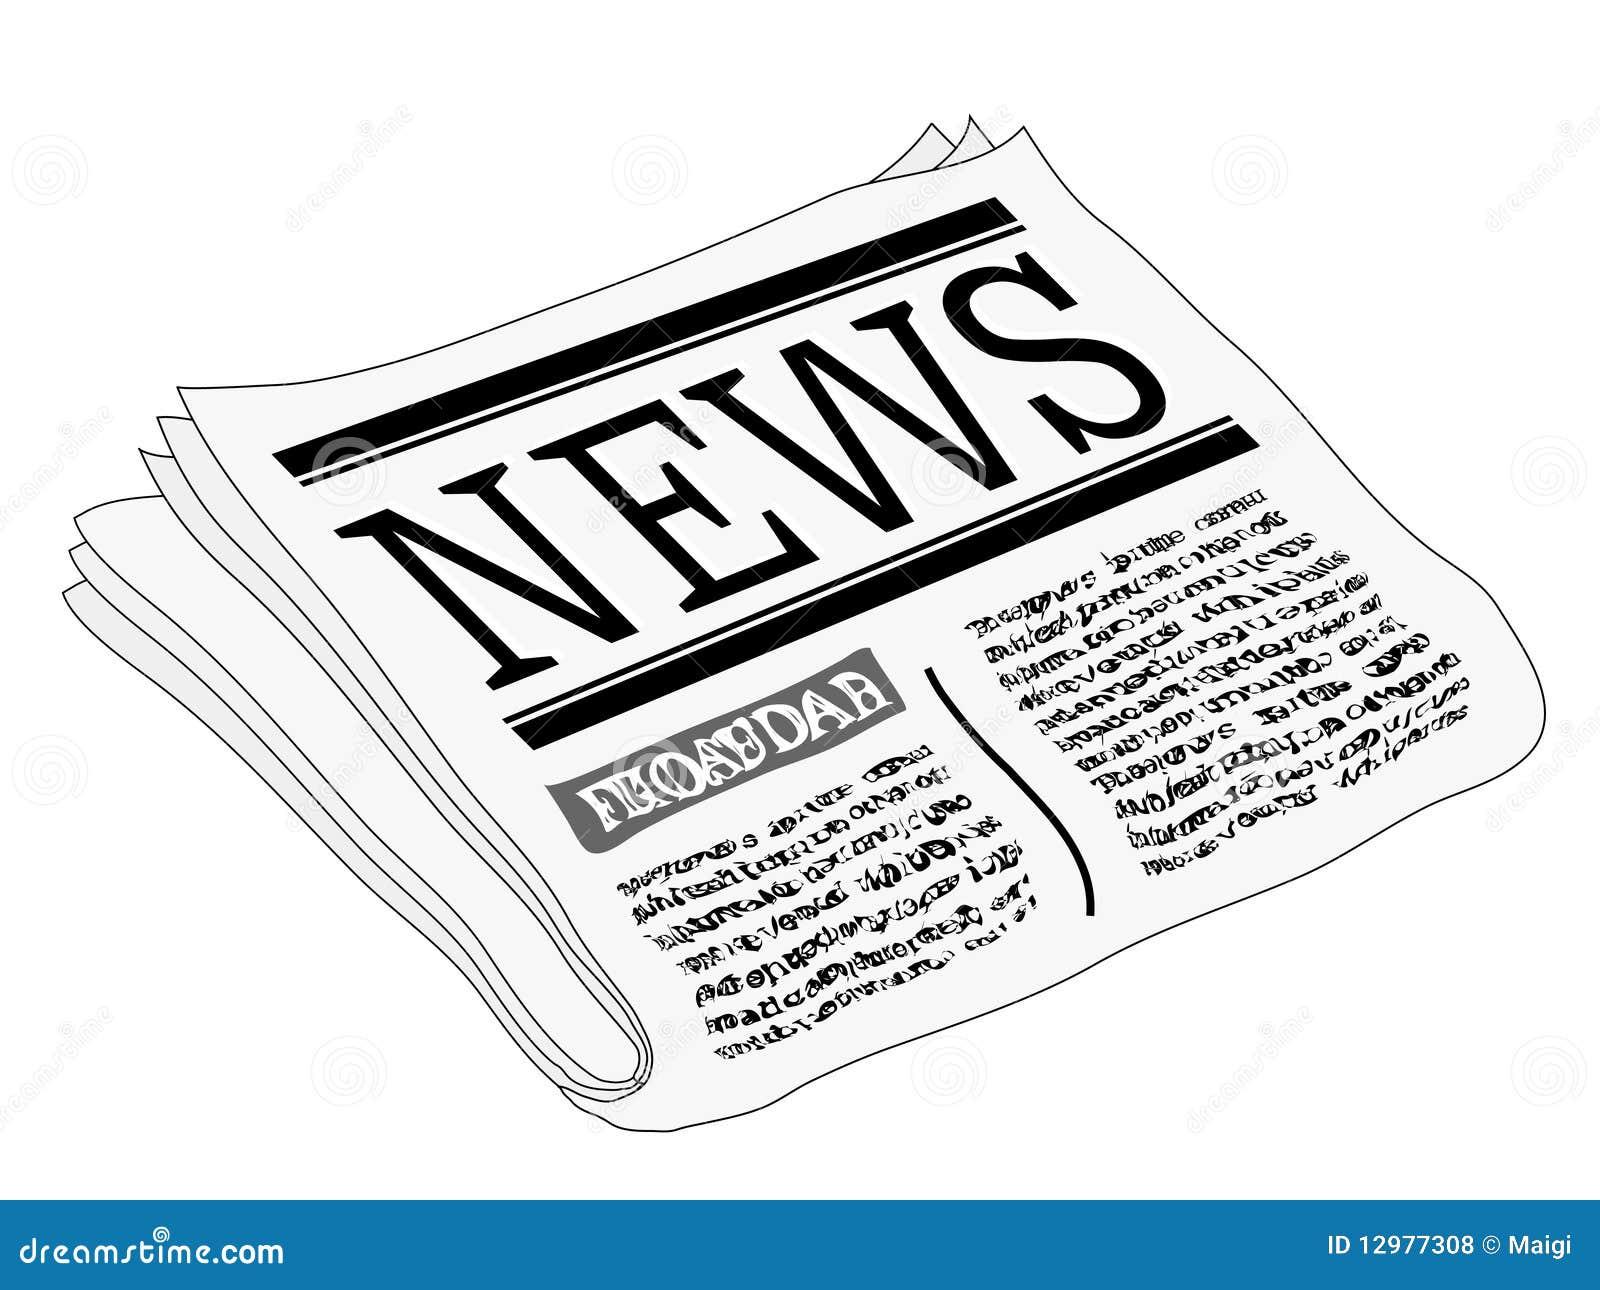 Semaine de la presse : récap' des articles